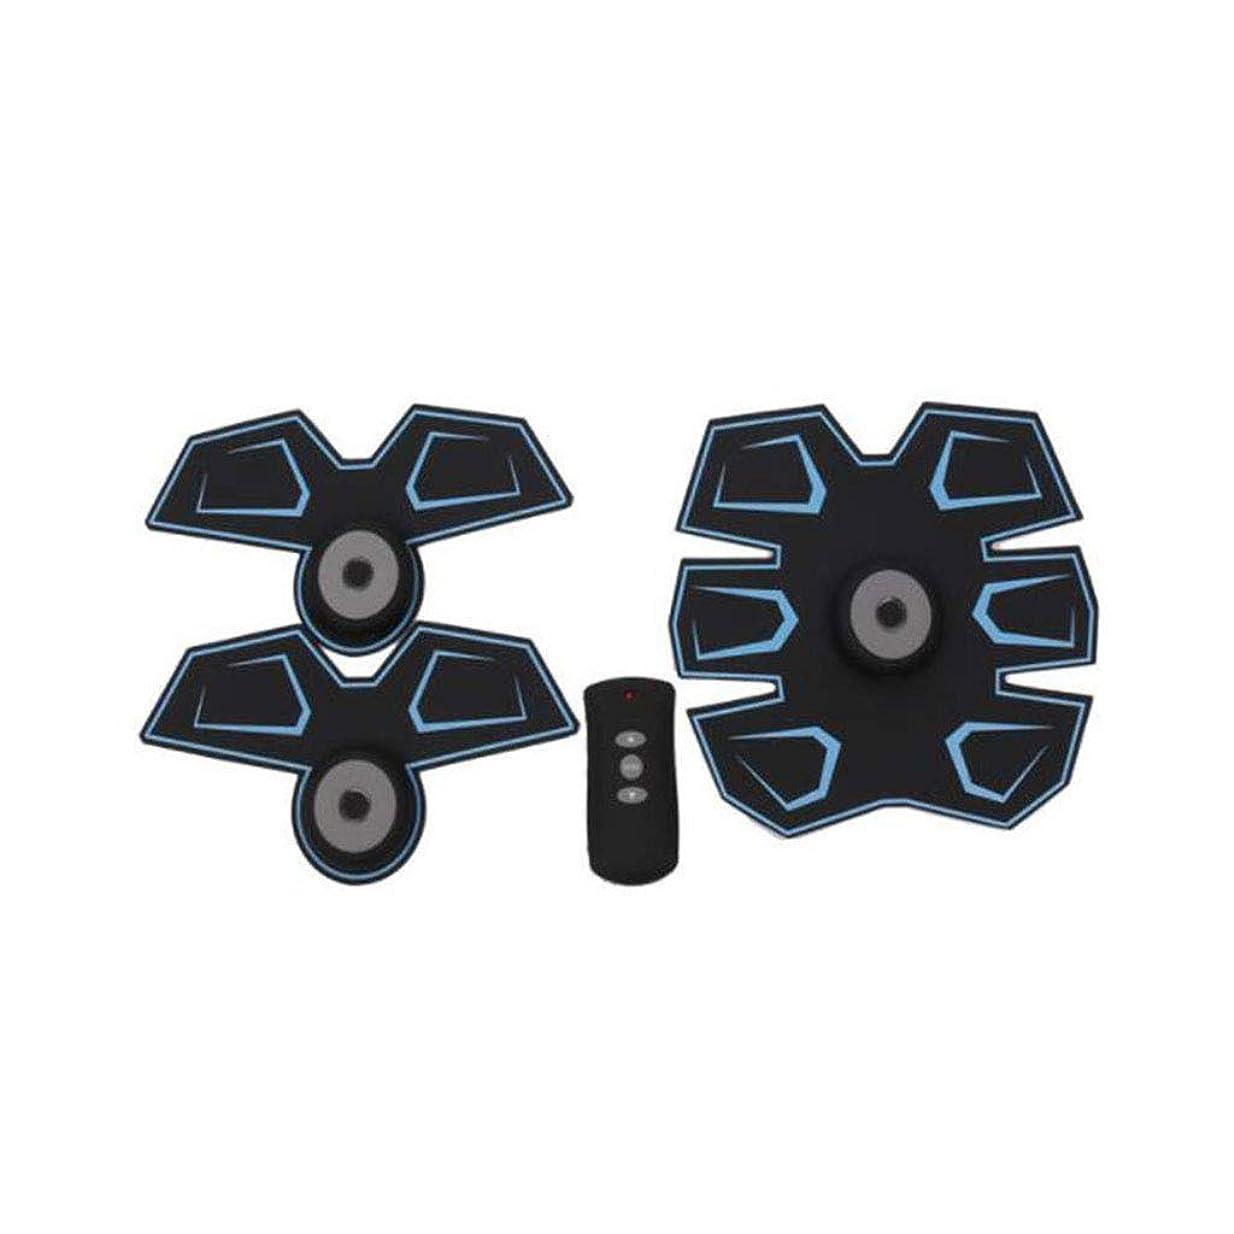 引き出す些細熟読GWM 腹部マッサージャー筋肉フィットネス装置、腹部電気刺激装置EMS腹部トレーナー、ワイヤレス電子フィットネスマッサージャーセット腹部腕脚ユニセックス(青)